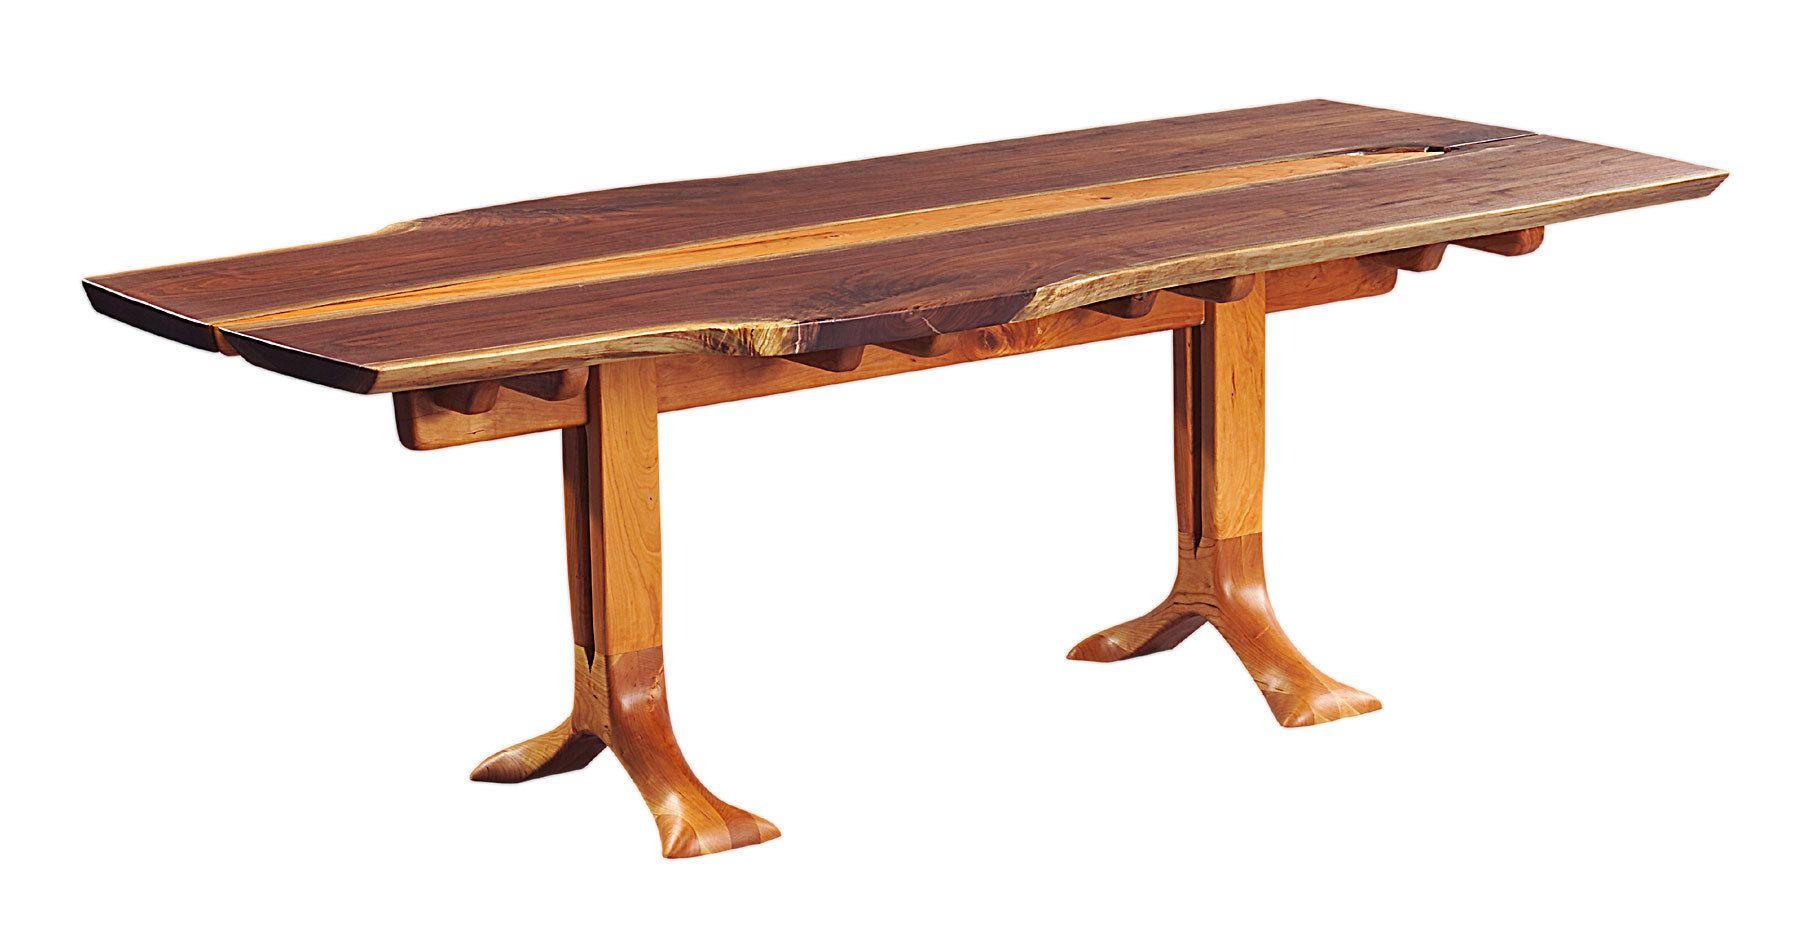 Sanctuary table